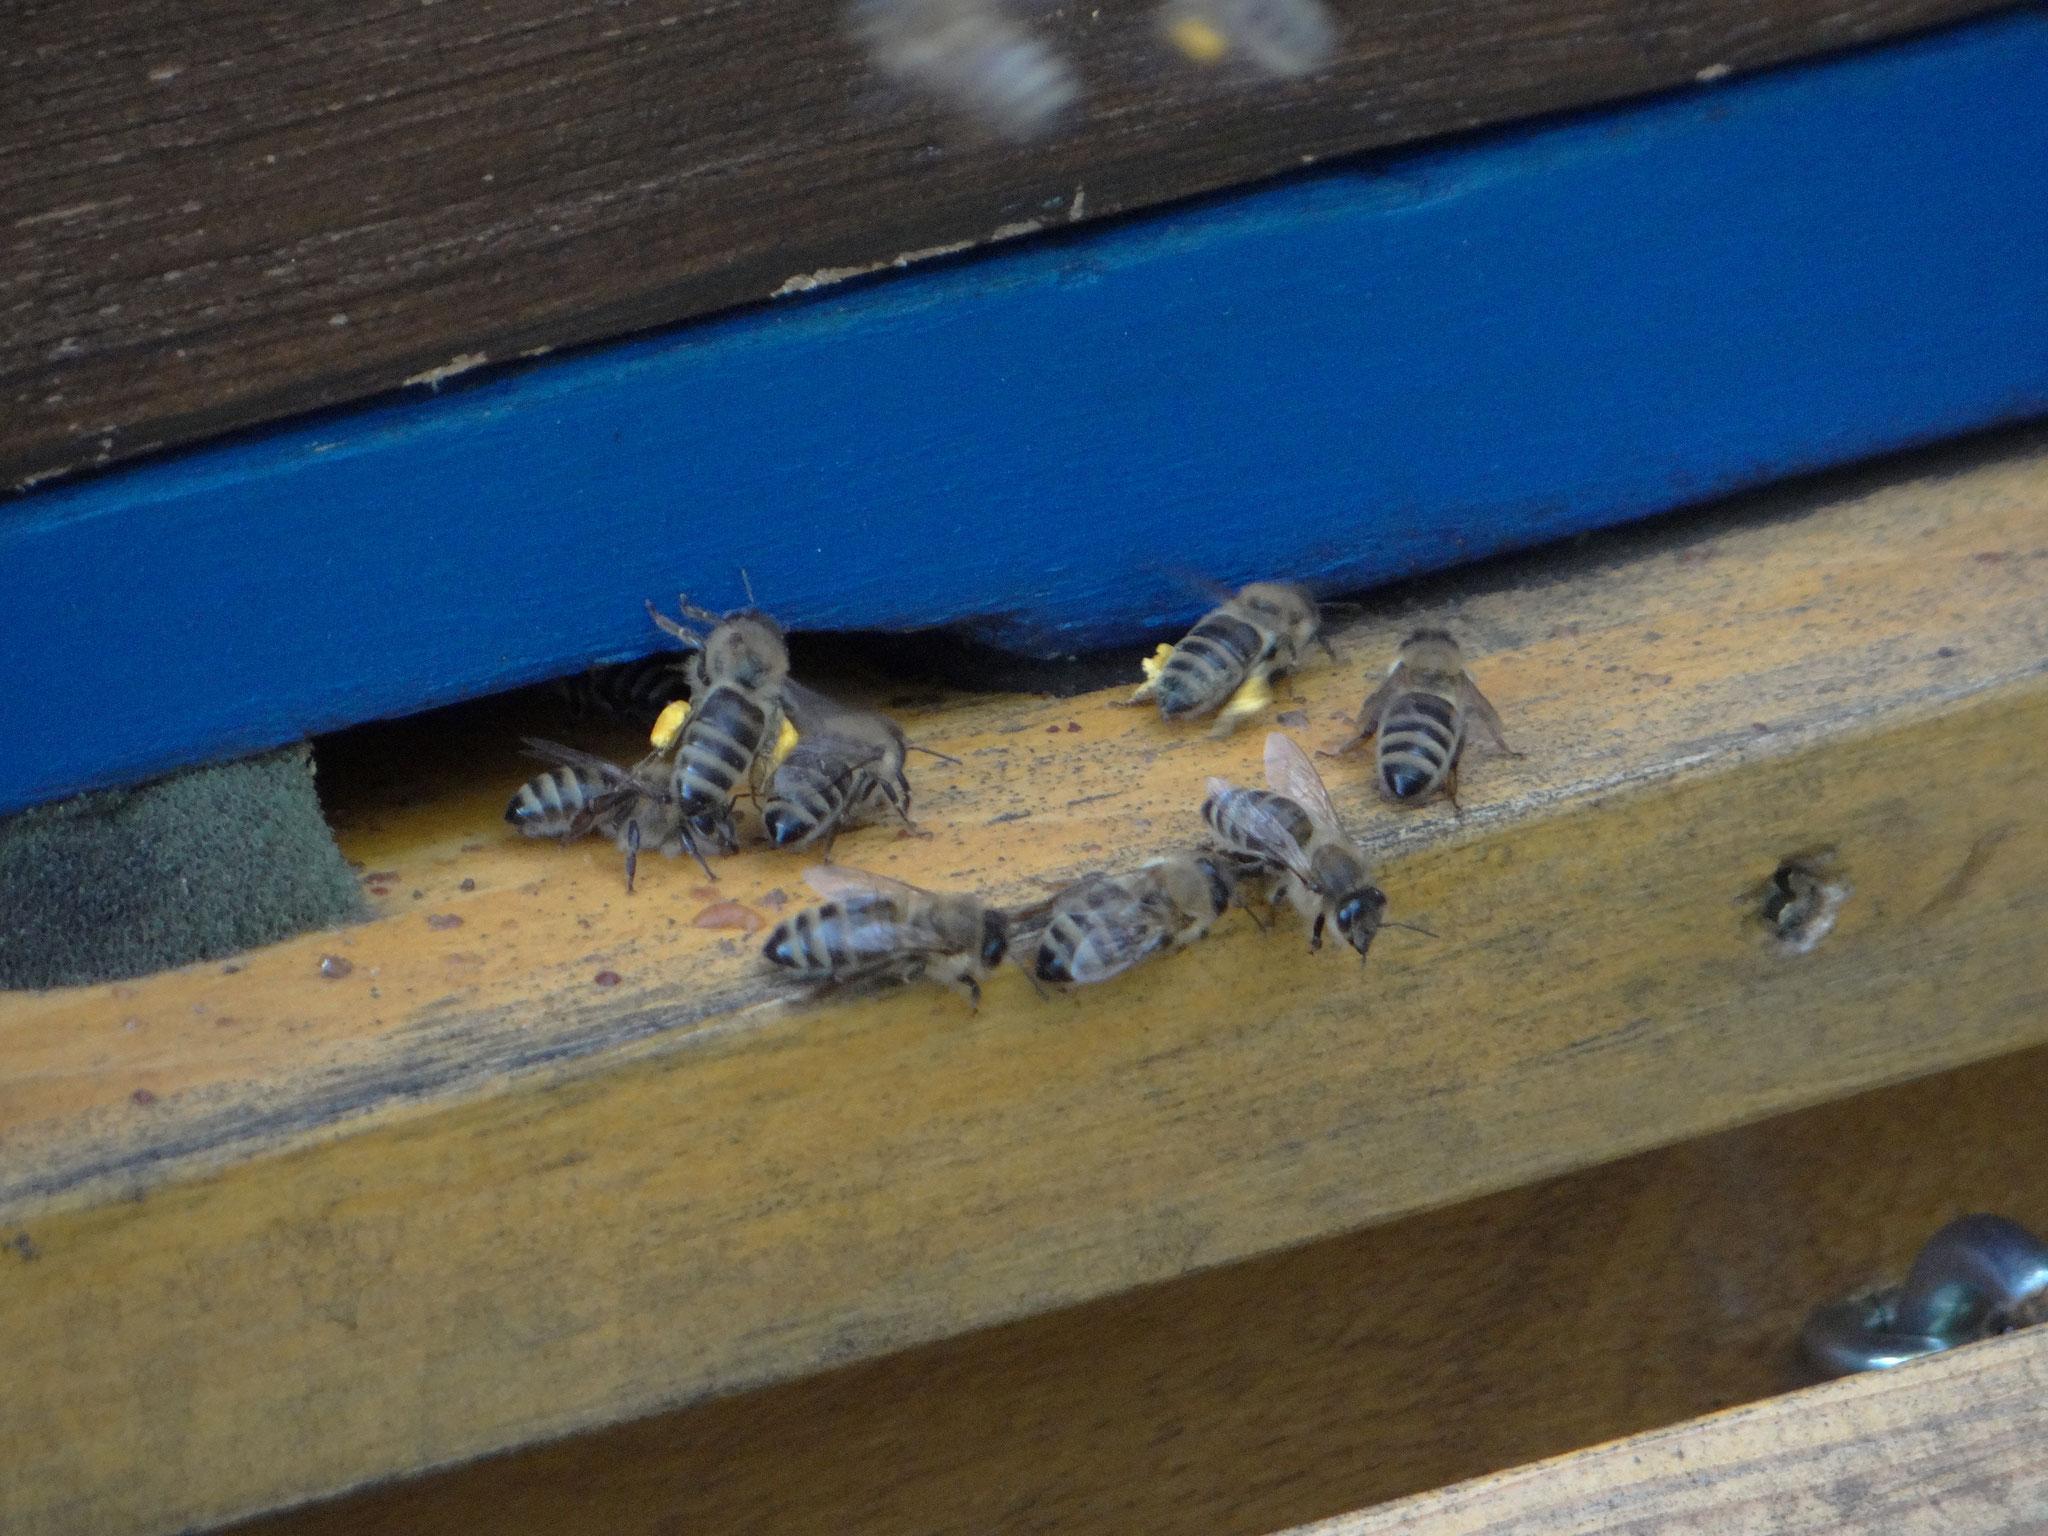 Mit der Zoomfunktion konnten interessante Entdeckungen gemacht werden, wie die mit Pollen gefüllten Höschen der Honigbienen